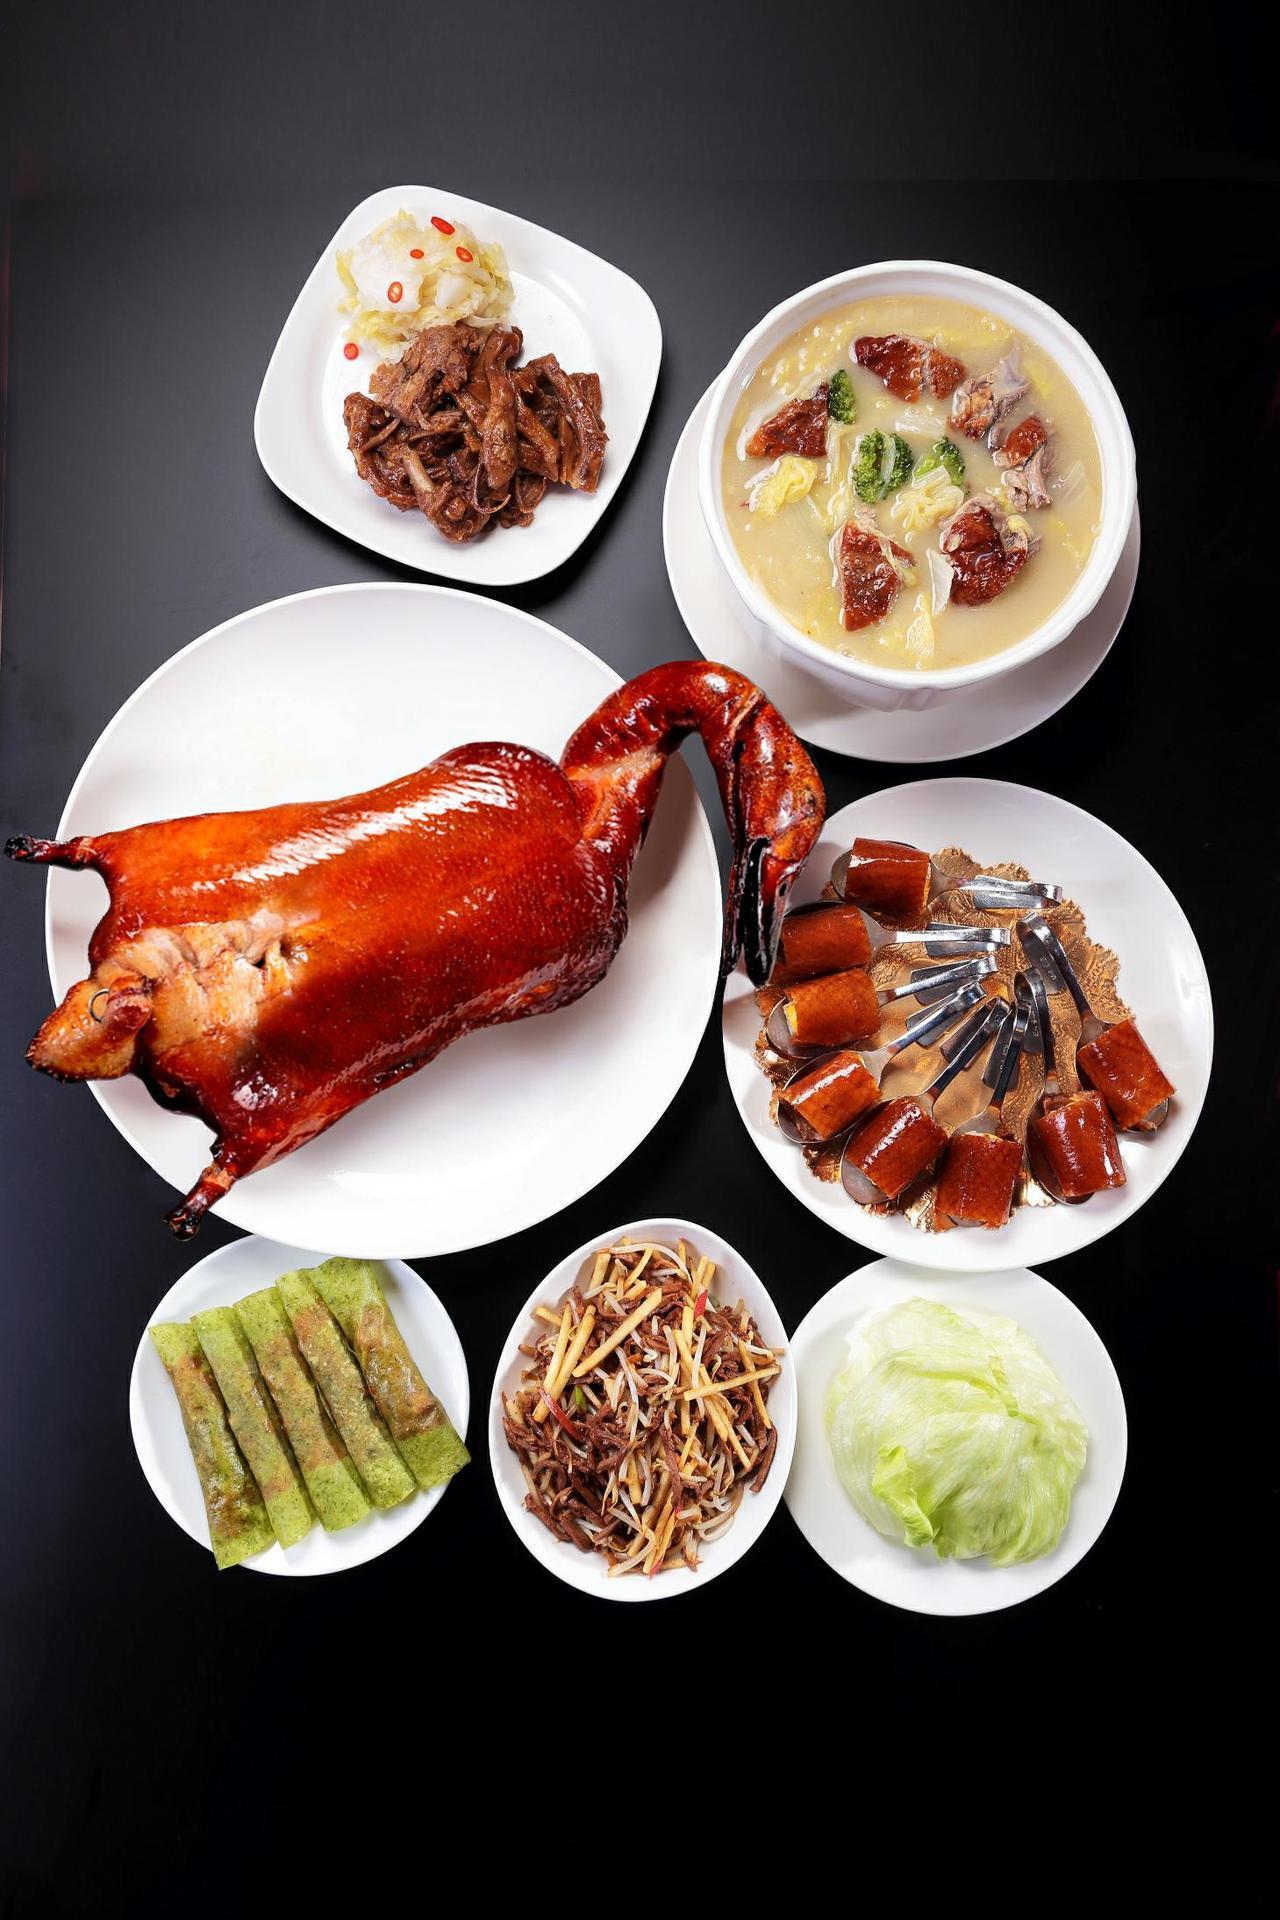 蘭城晶英酒店的櫻桃霸王鴨五吃可搭配其他經典佳餚慶團圓。照片提供/蘭城晶英酒店